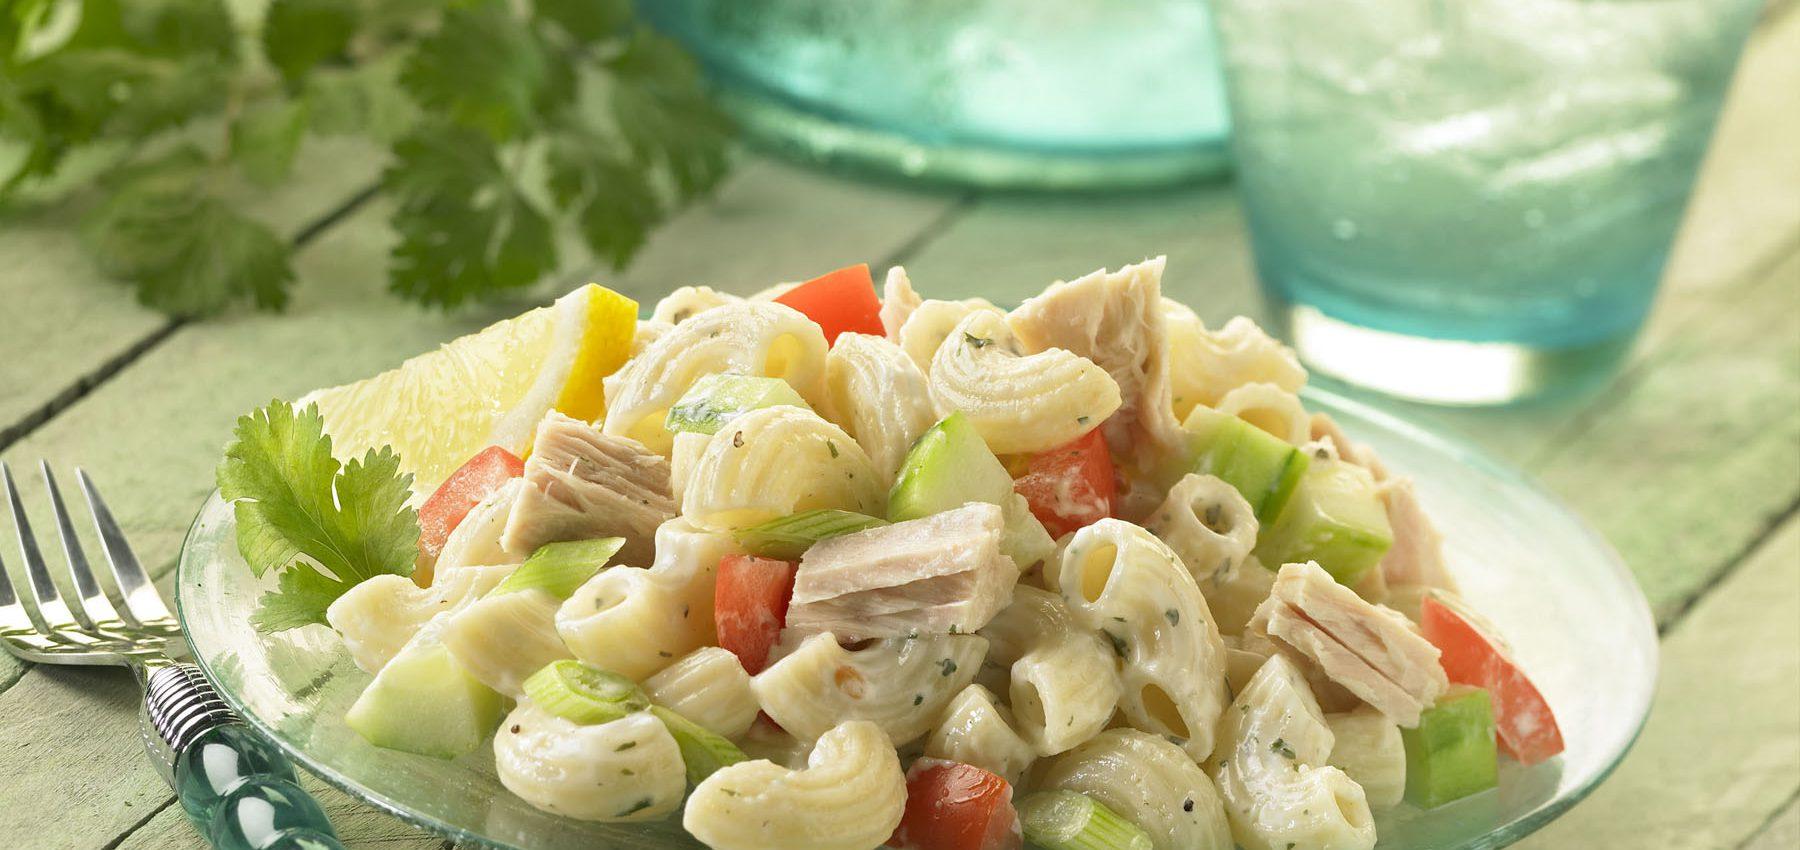 Ridged-Elbows-Gar-Tuna-Mac-Salad-1800x850 Market Vegetable Macaroni Salad with Tuna